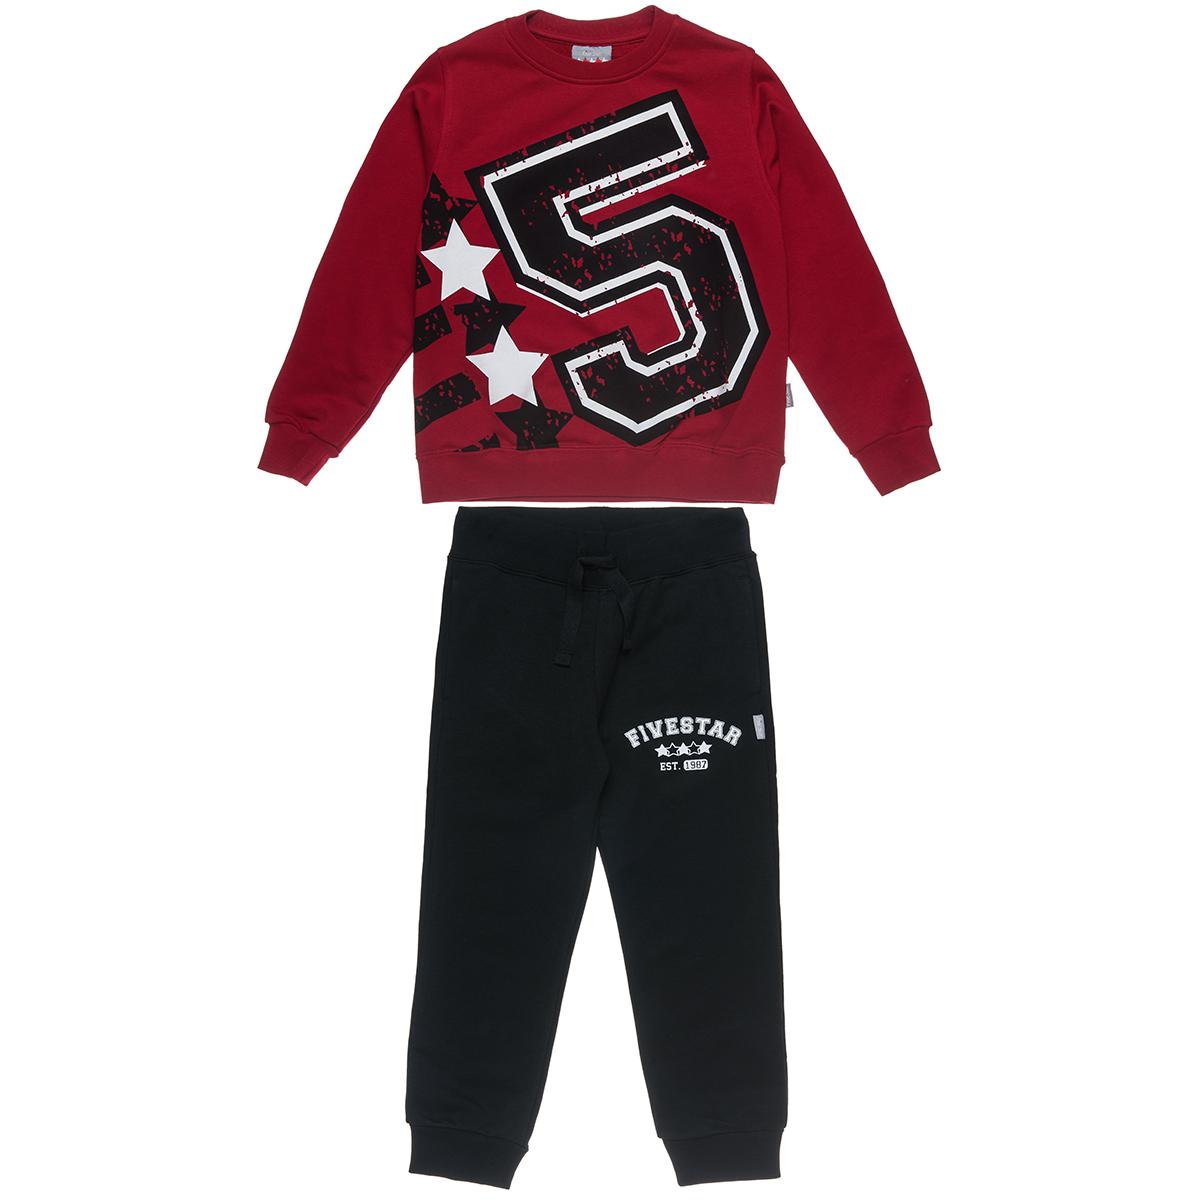 Σετ Φόρμας Five Star μπλούζα με τύπωμα με κουμπιά και παντελόνι με λάστιχο (Αγόρι 6-14 ετών) 00930626 - Κόκκινο - 3102-0166/3/19/116